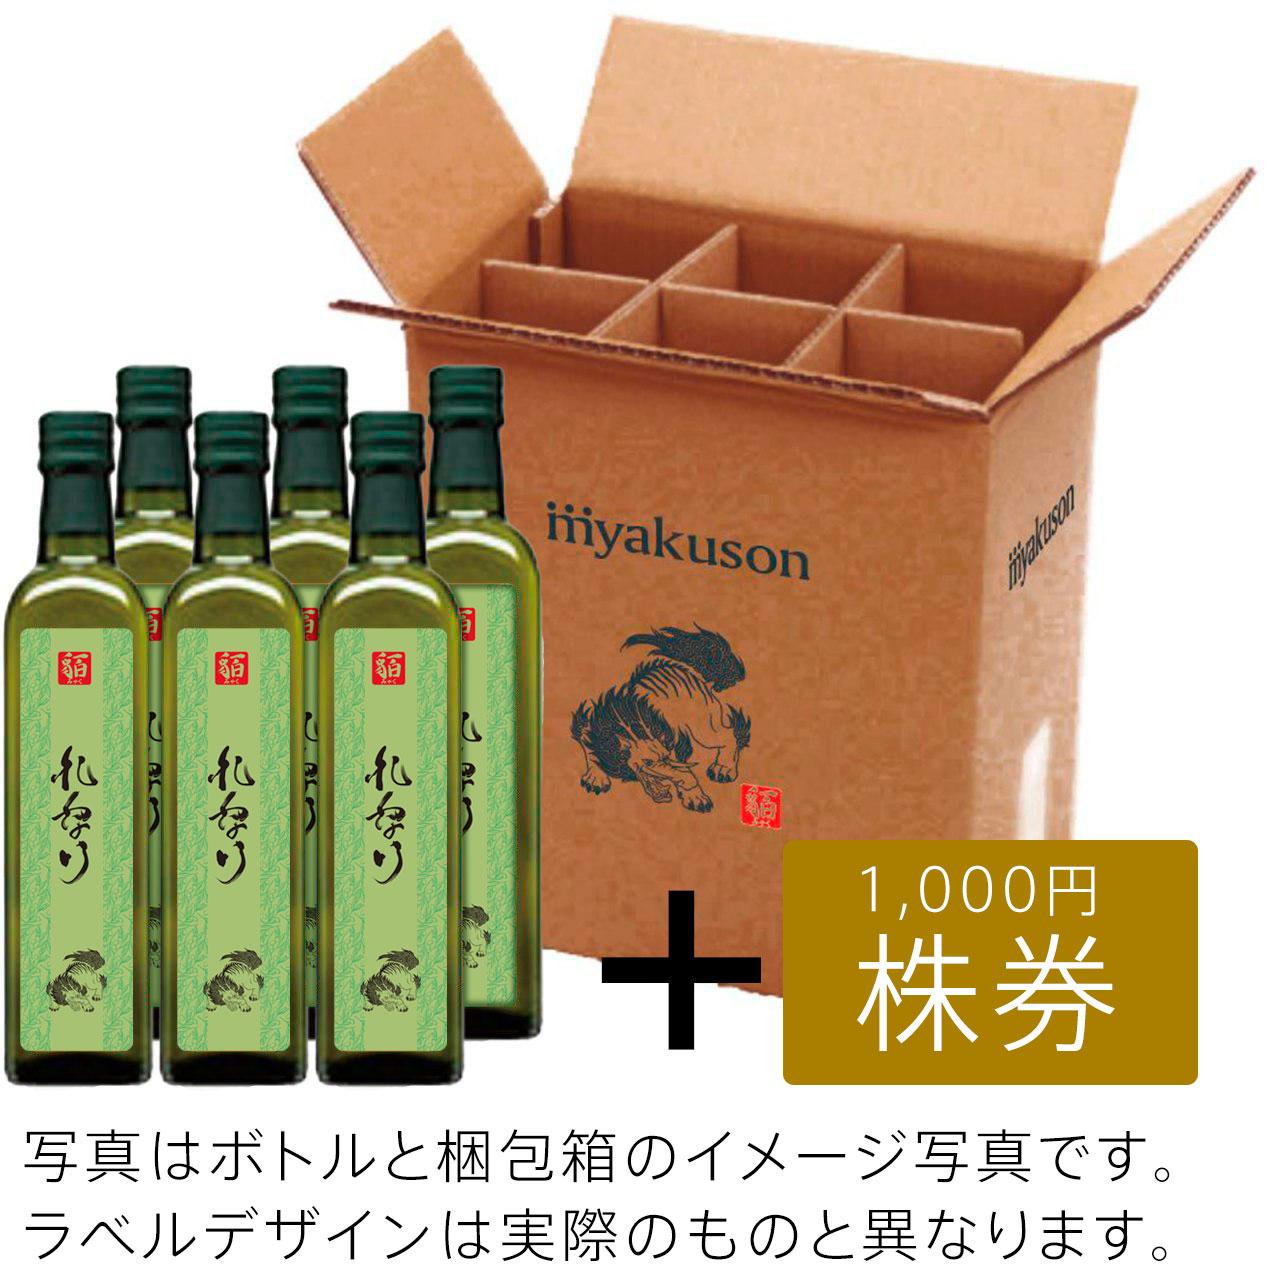 株券とともに500ml入り便6本を箱に詰めた状態でお届けします。